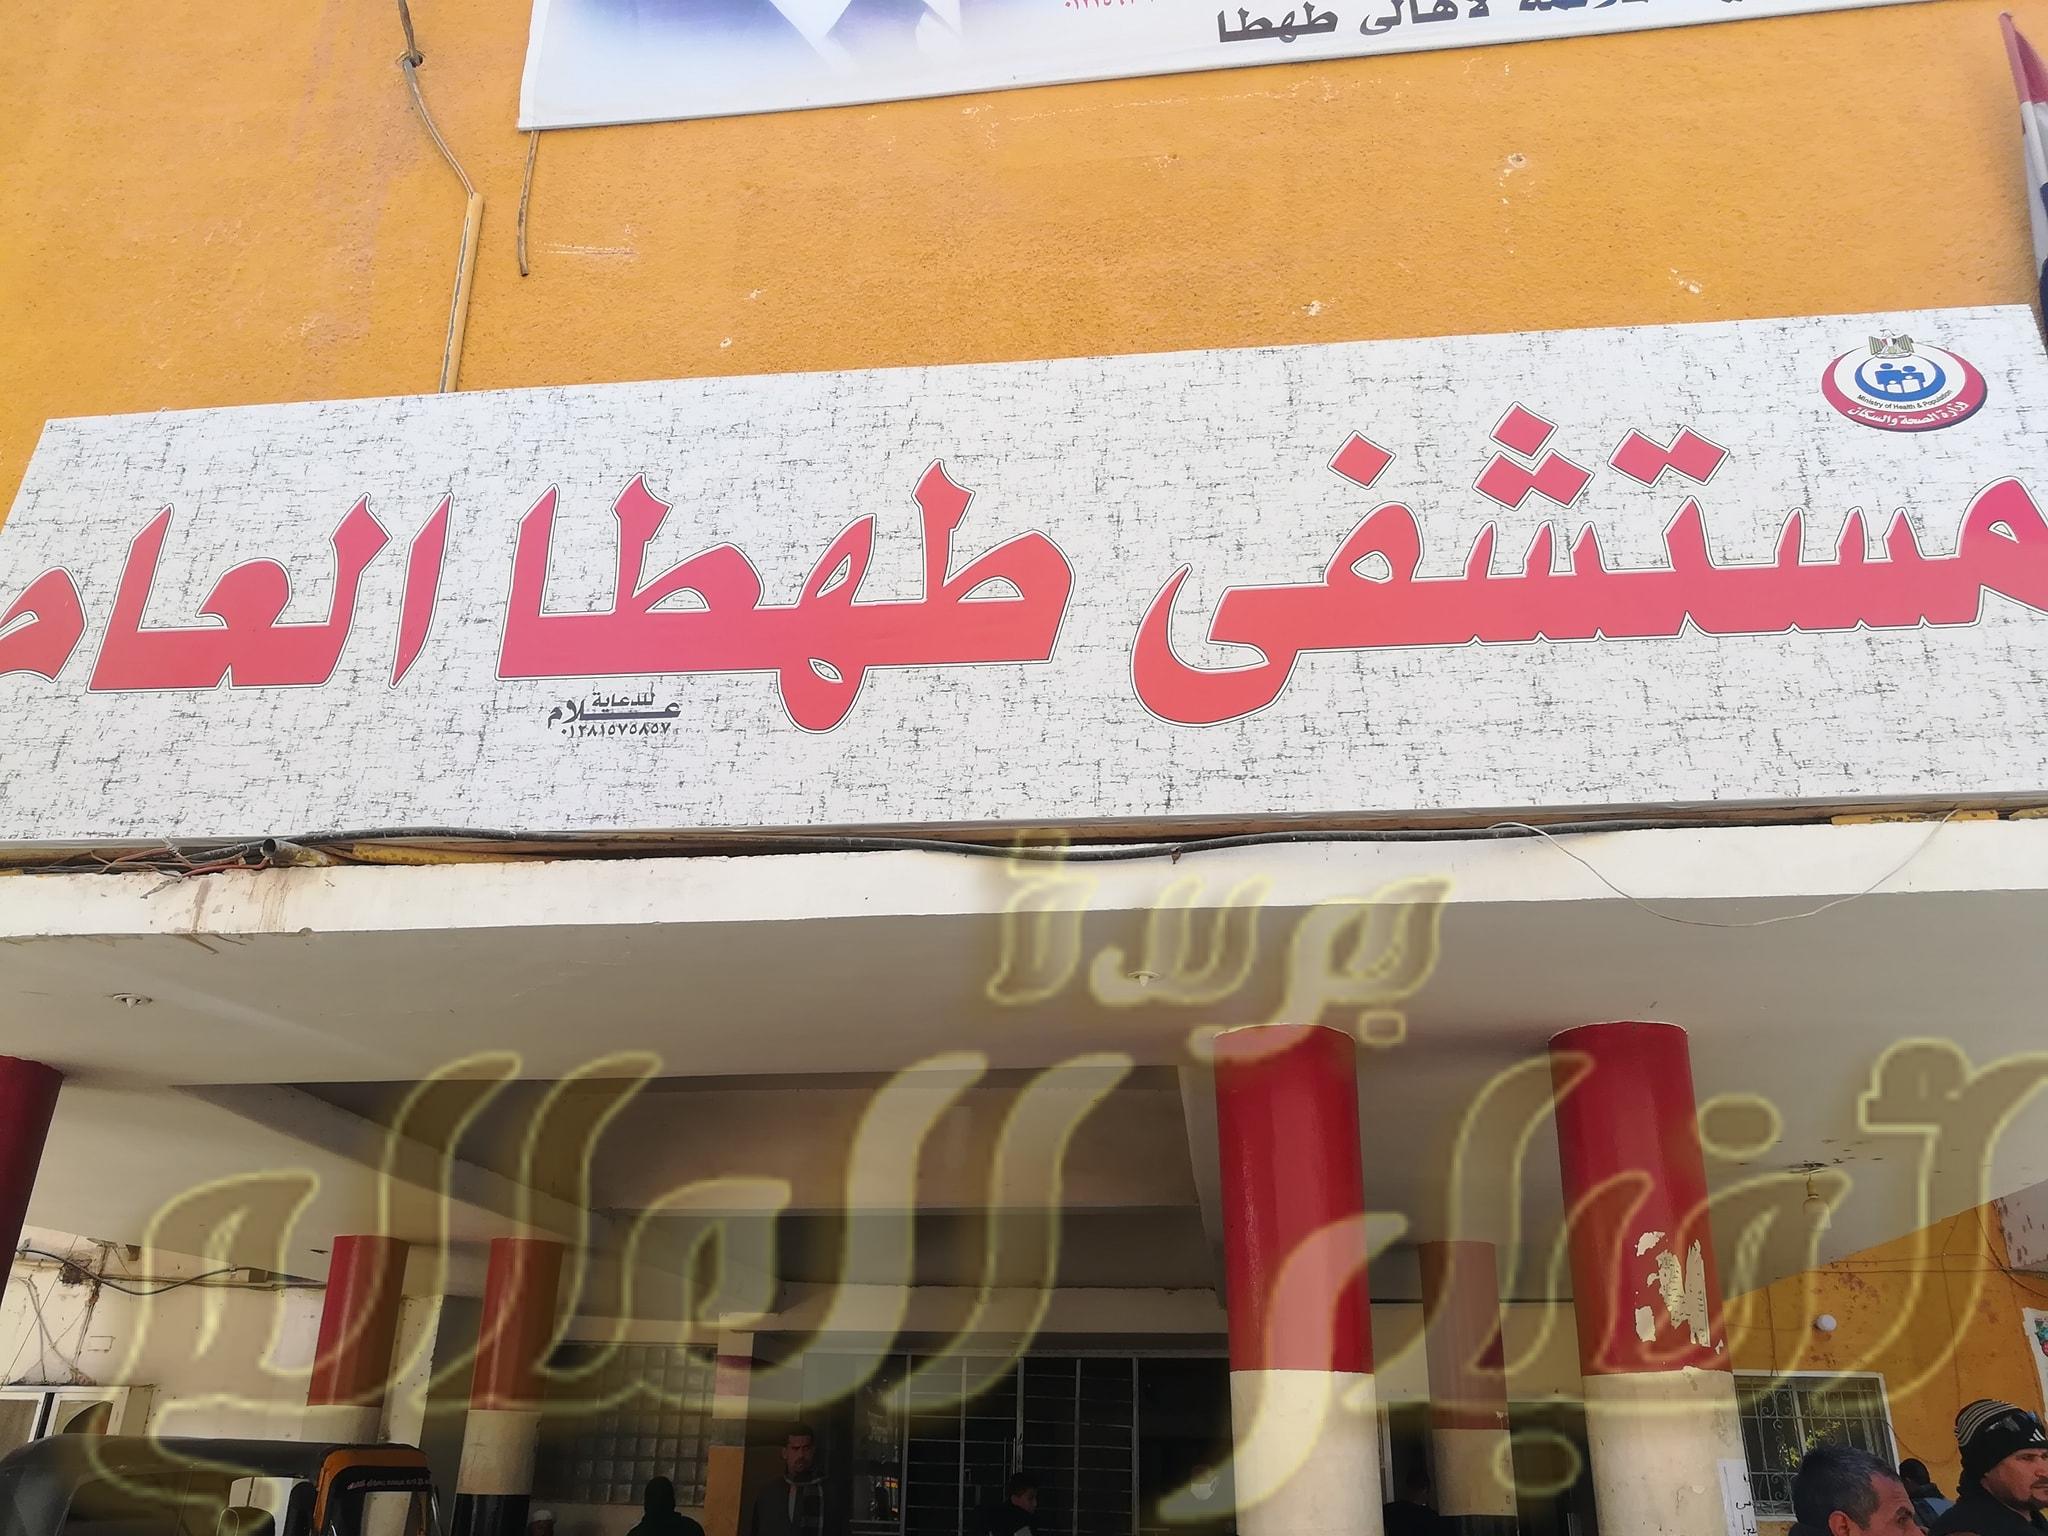 مصرع عامل صعقا بالكهرباء فى قرية الصوامعة غرب بطهطا سوهاج